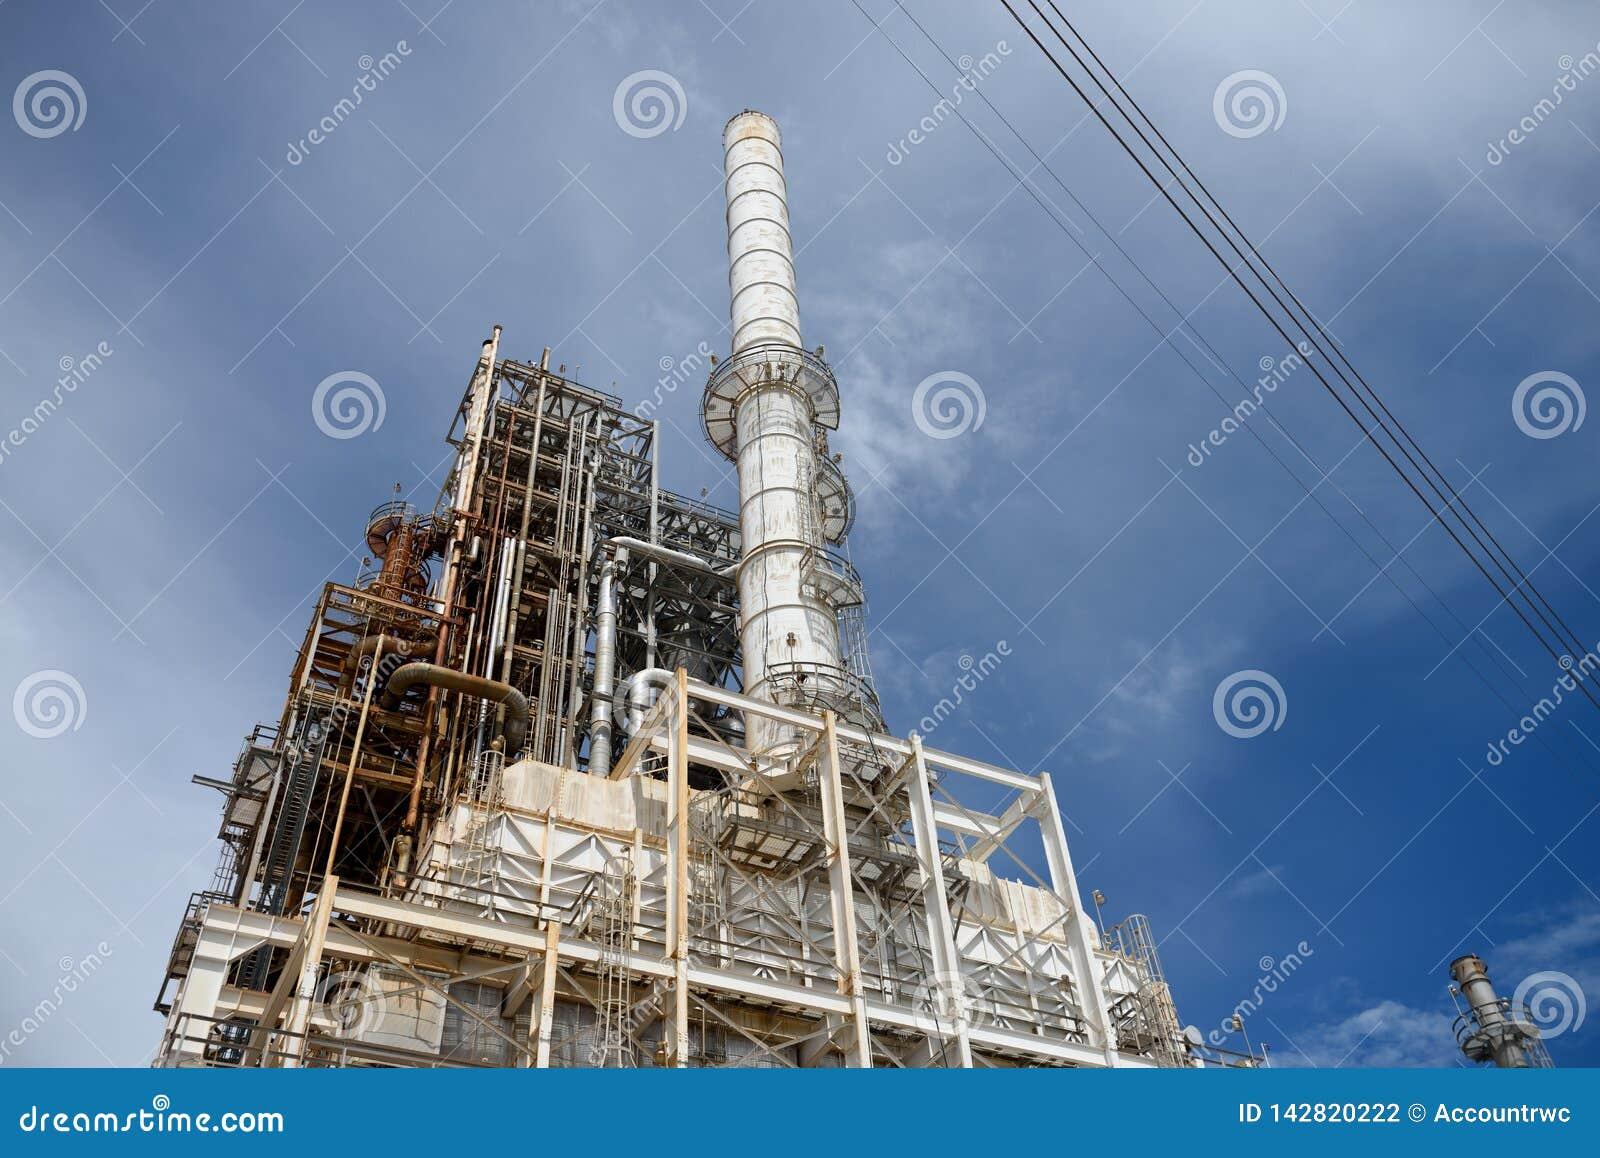 Cheminees D Evacuation Des Fumees Petrochimiques Industrielles De Raffinerie De Petrole Et De Gaz Tours Et Tuyaux Photo Stock Image Du Evacuation Petrole 142820222